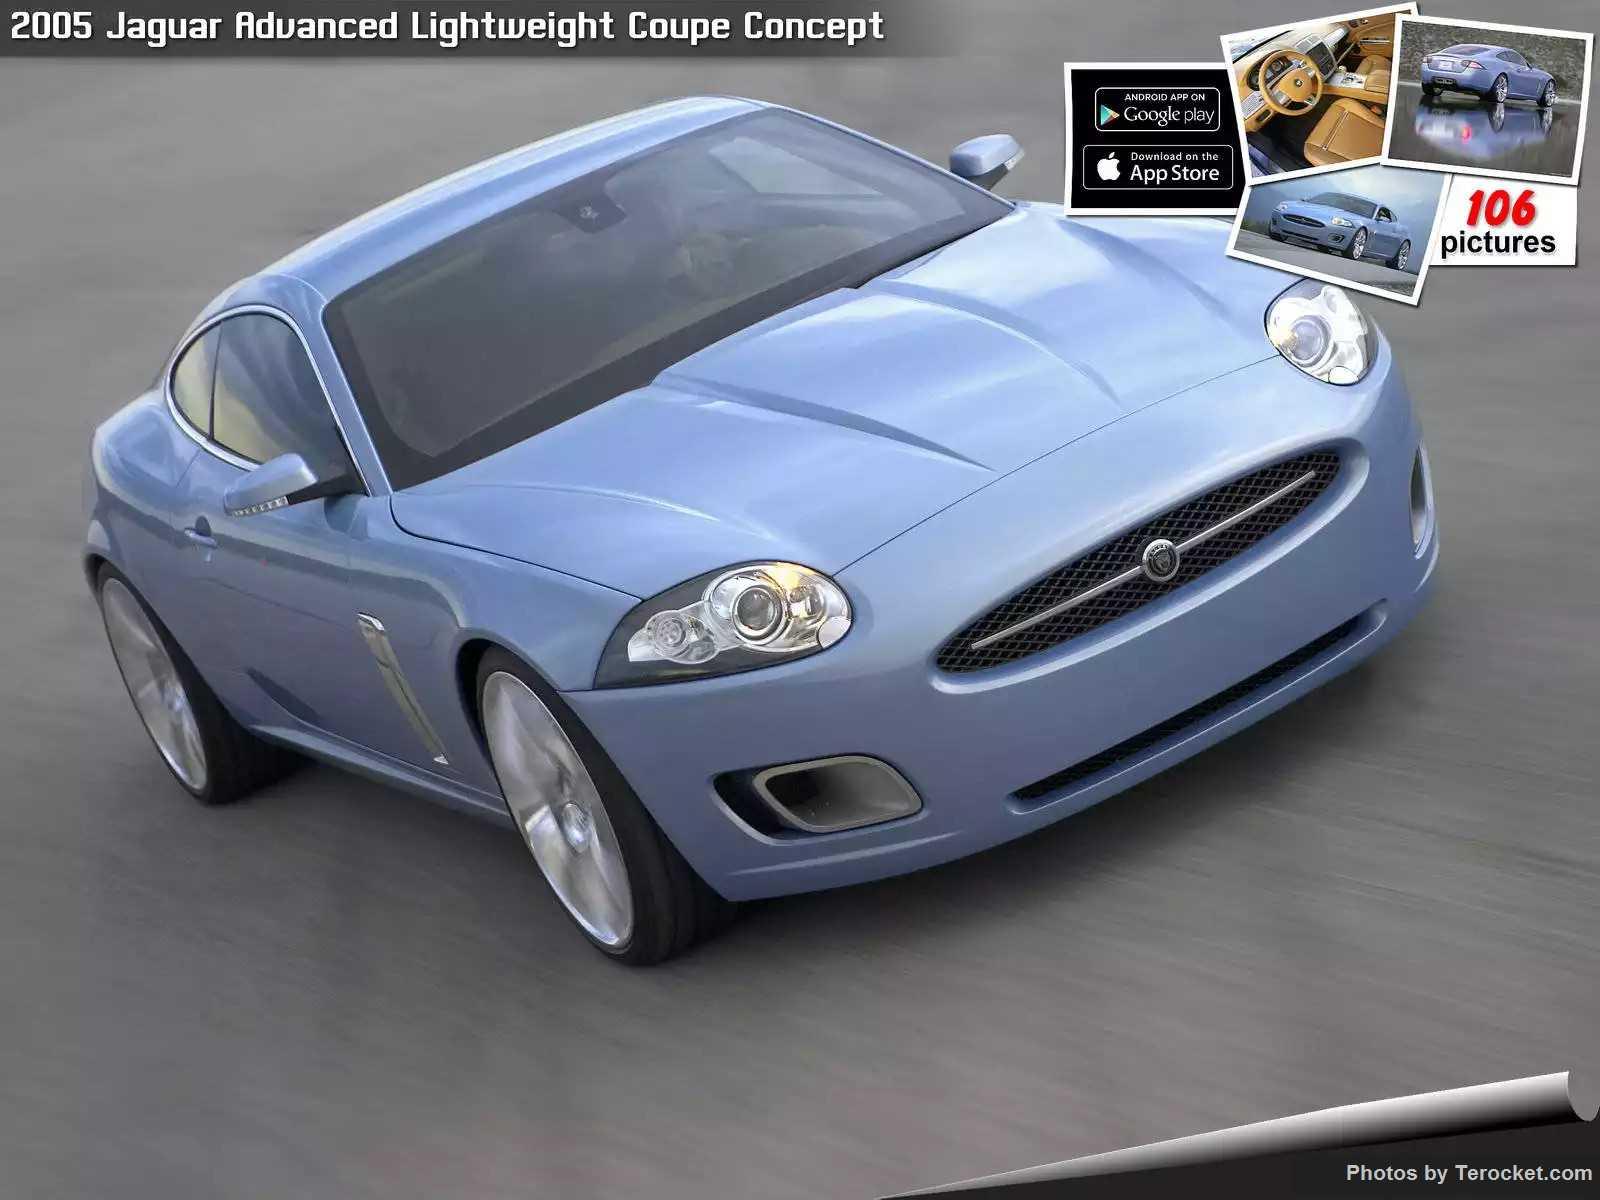 Hình ảnh xe ô tô Jaguar Advanced Lightweight Coupe Concept 2005 & nội ngoại thất